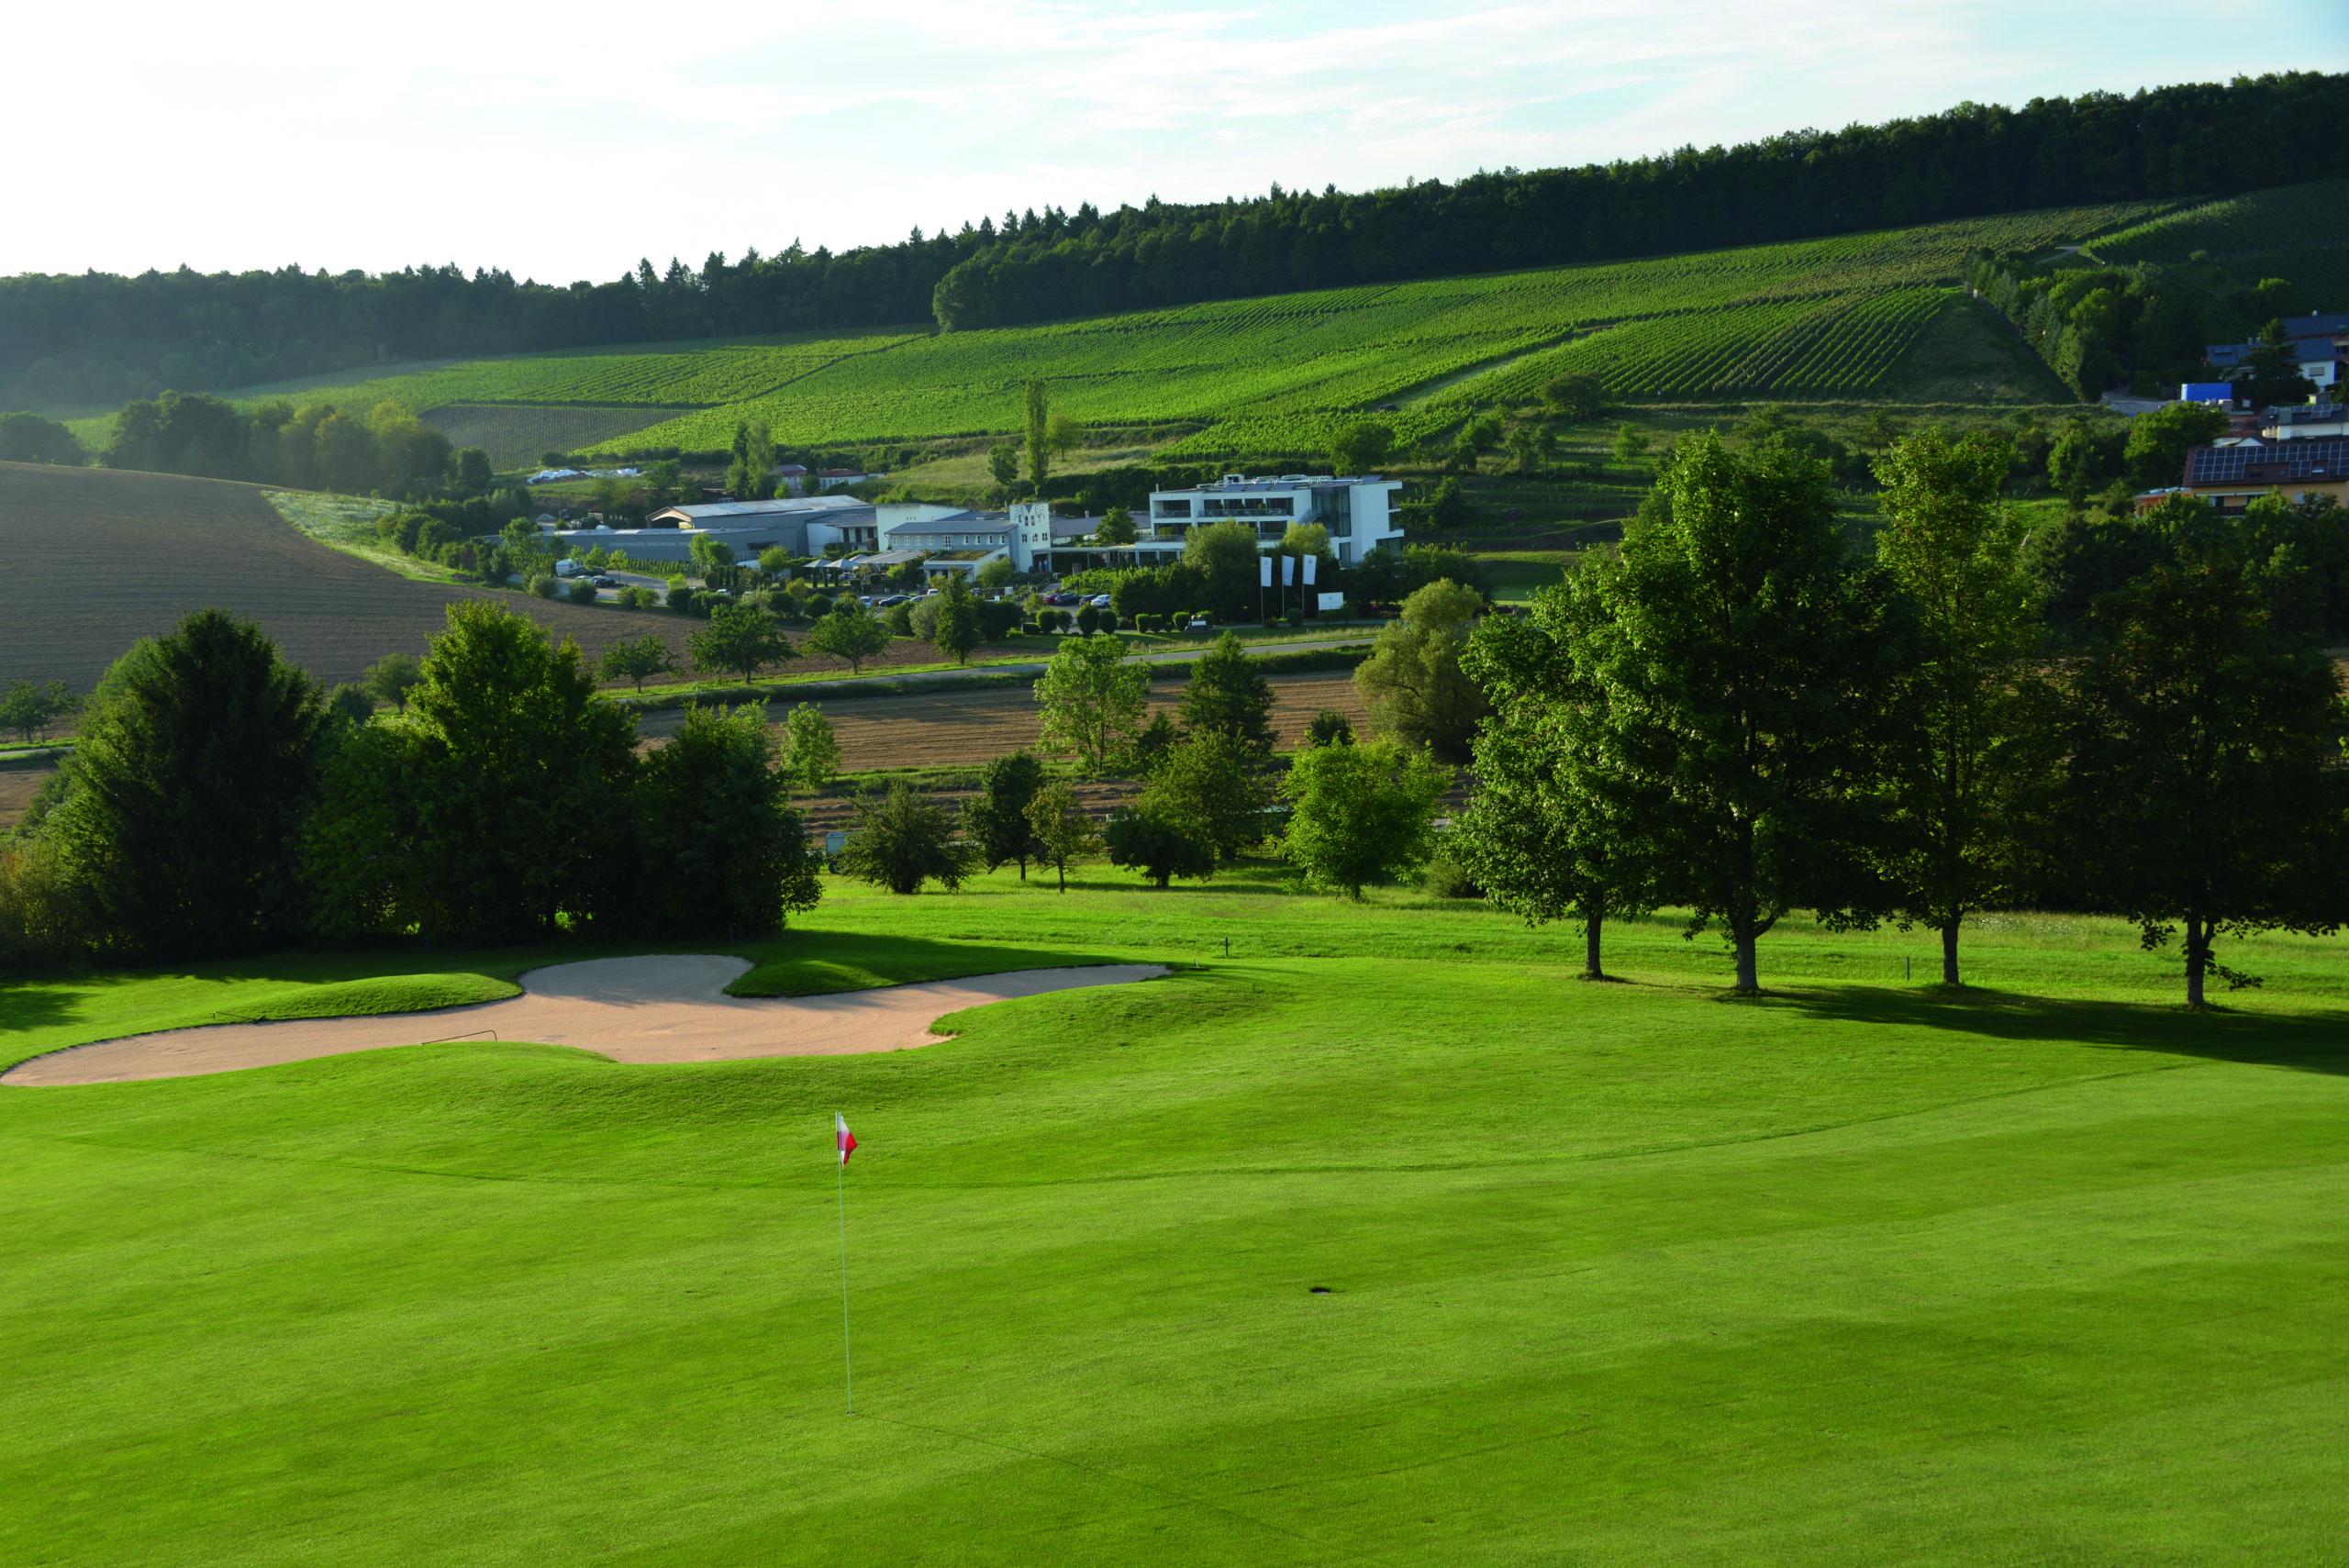 Hotel Heitlinger Hof & Heitlinger Golf Resort